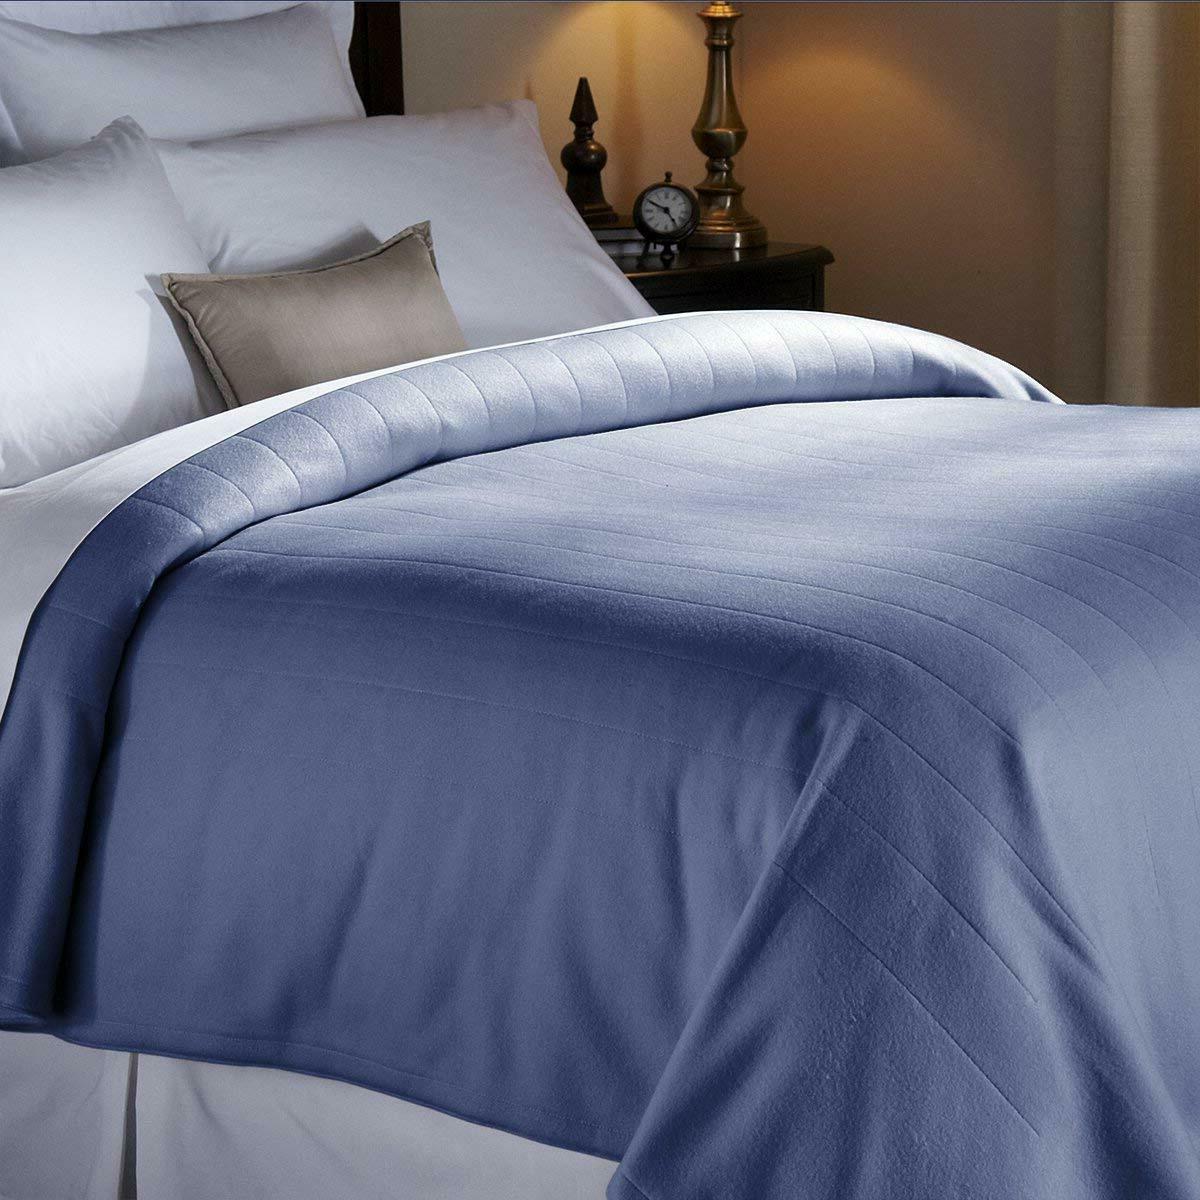 Twin Size Electric Blanket 10 Heat Settings - Newport